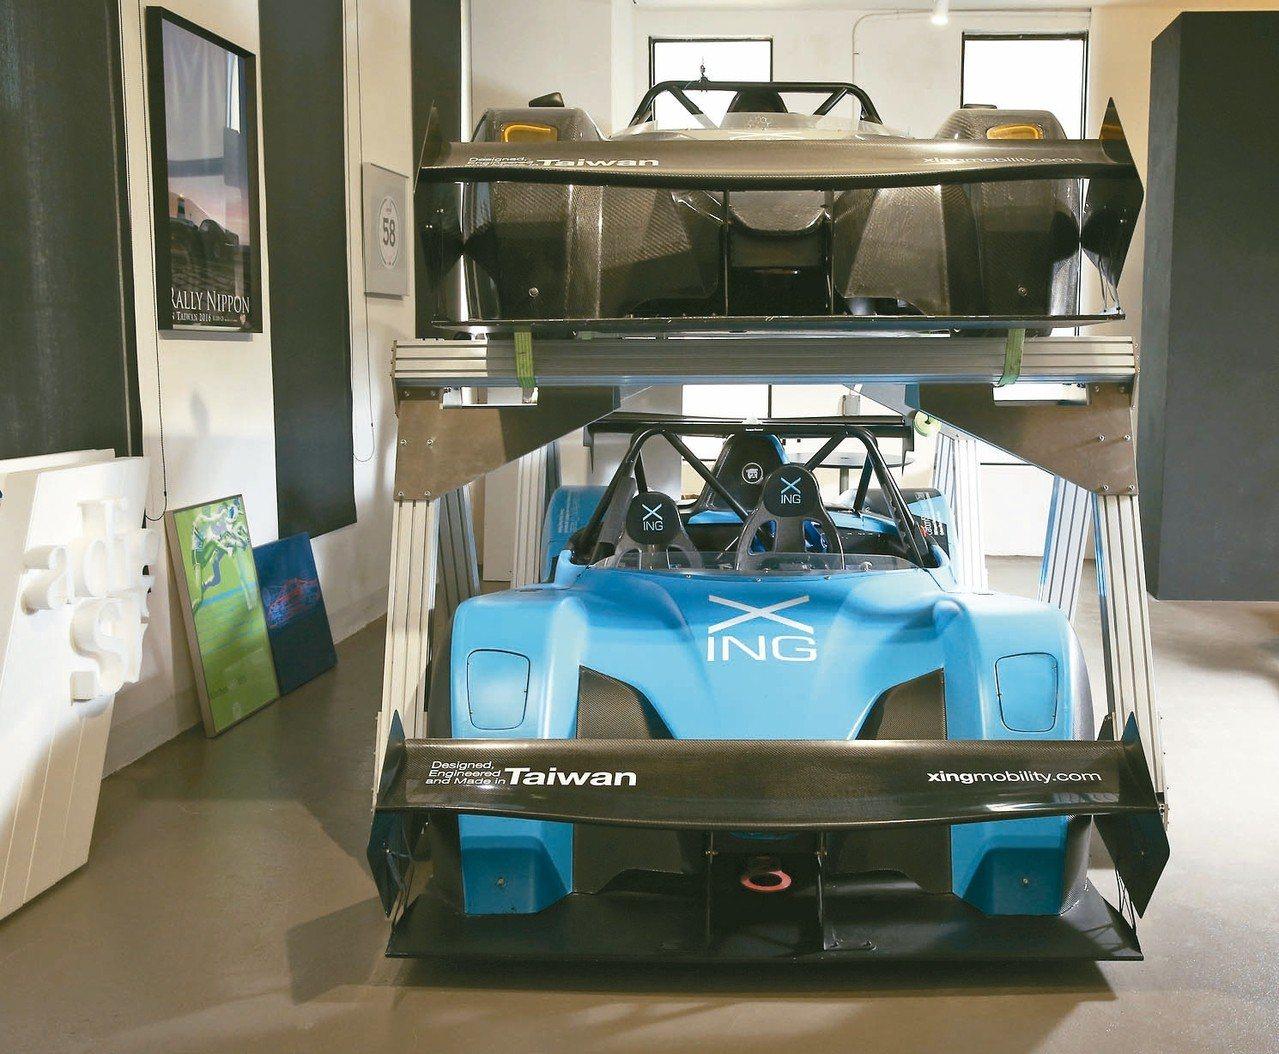 洪裕鈞辦公室內擺著兩台行競科技打造的電動超跑。 圖/林澔一攝影